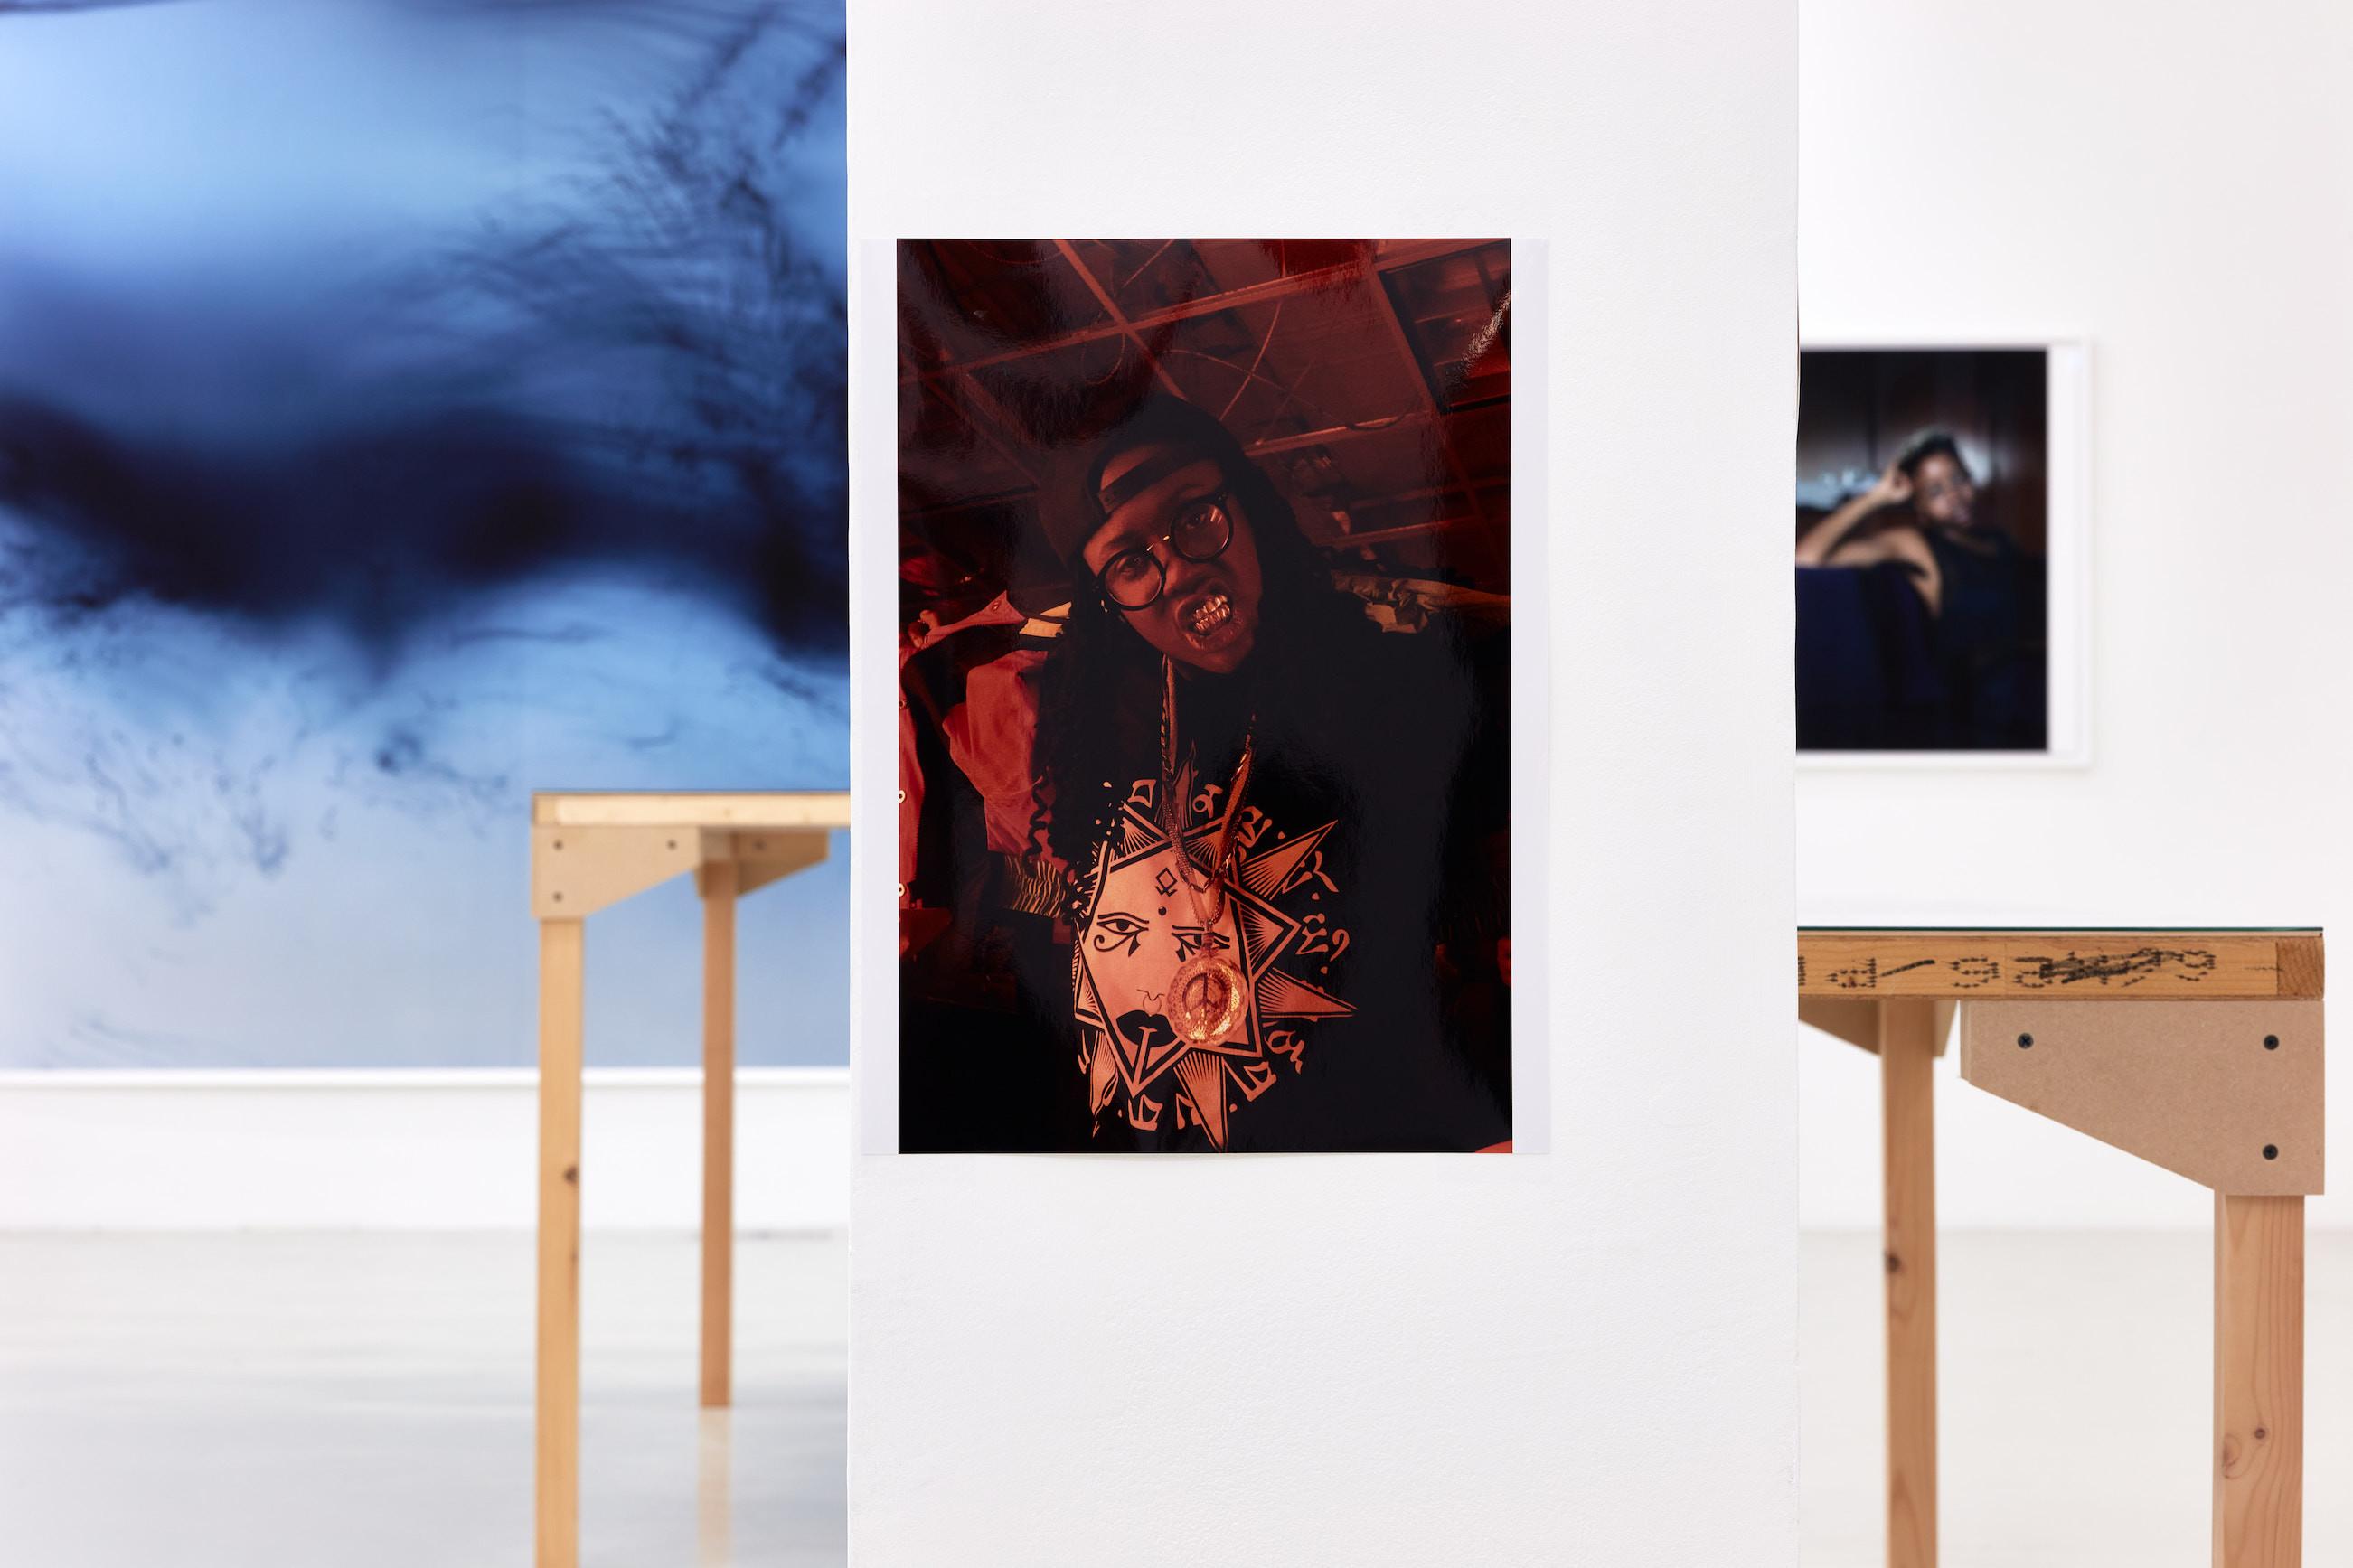 Wolfgang Tillmans: A te tested a tiéd . Kiállítási látkép, Trafó Galéria, 2021. Középen: Charlie Sheena, The Spectrum / Dagger, 2014. Fotó: Biró Dávid